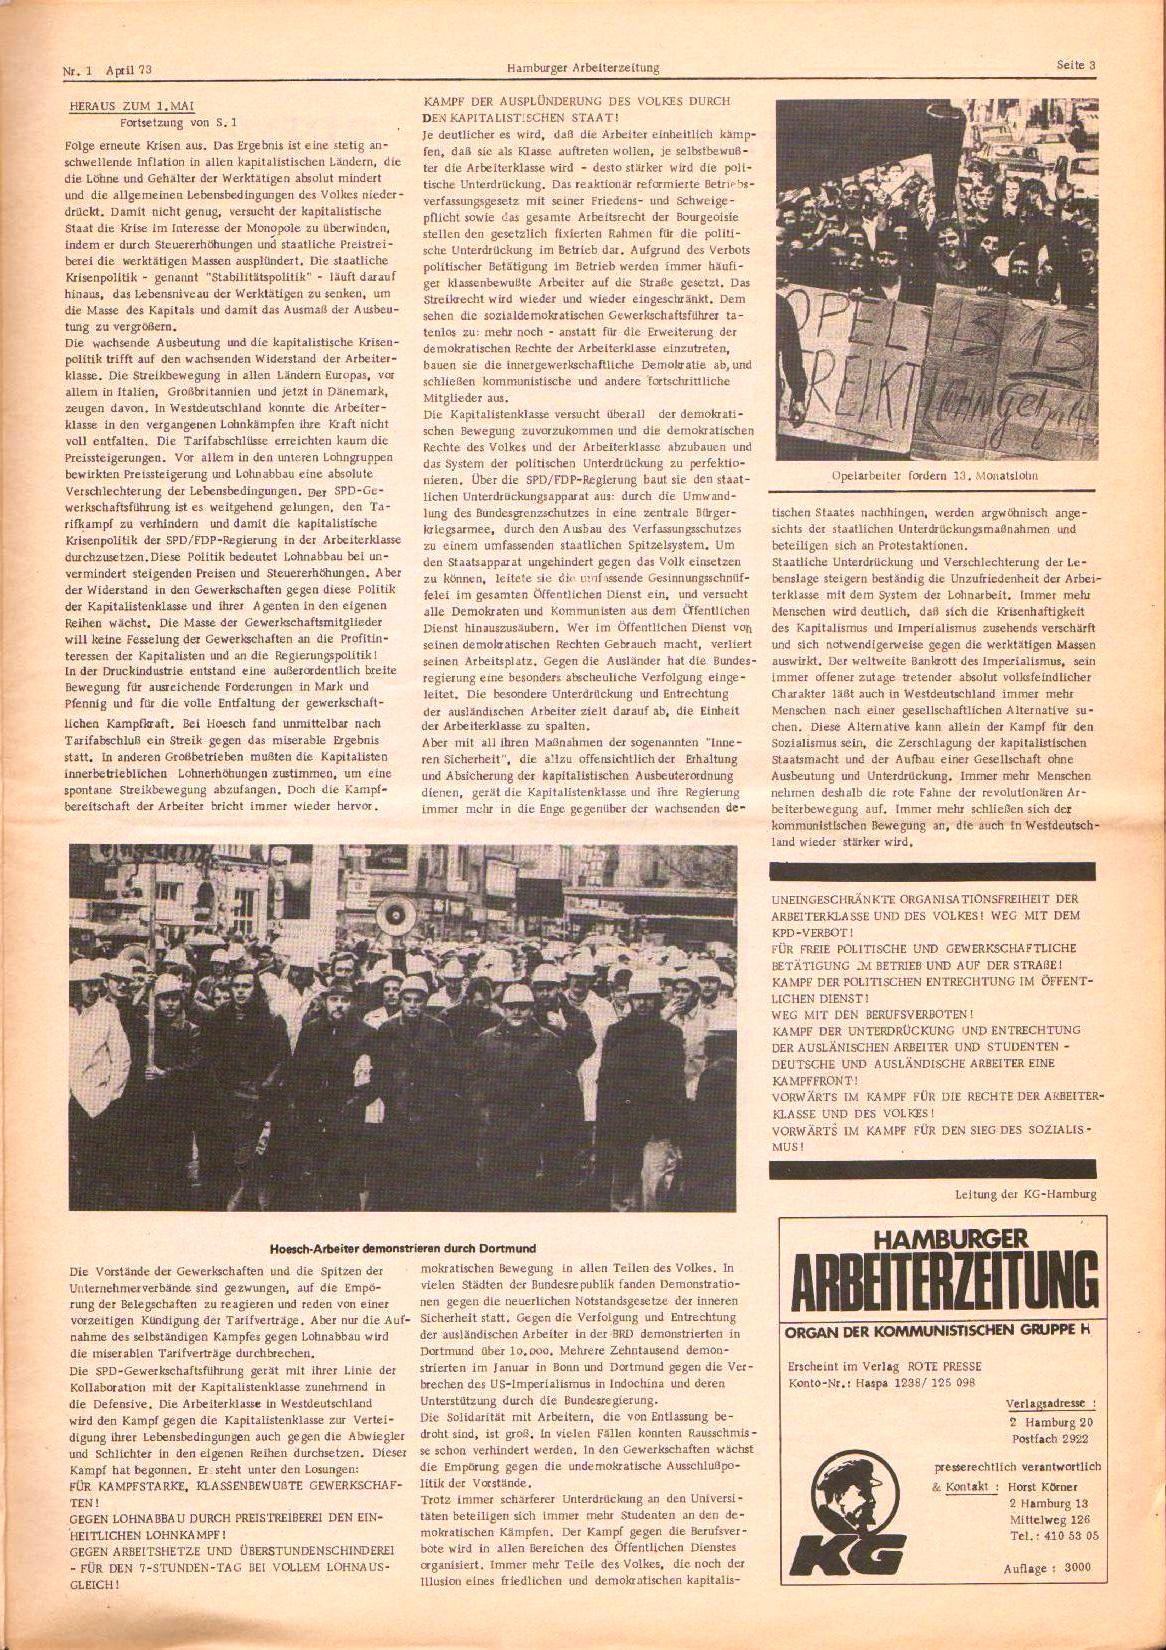 Hamburger_Arbeiterzeitung003